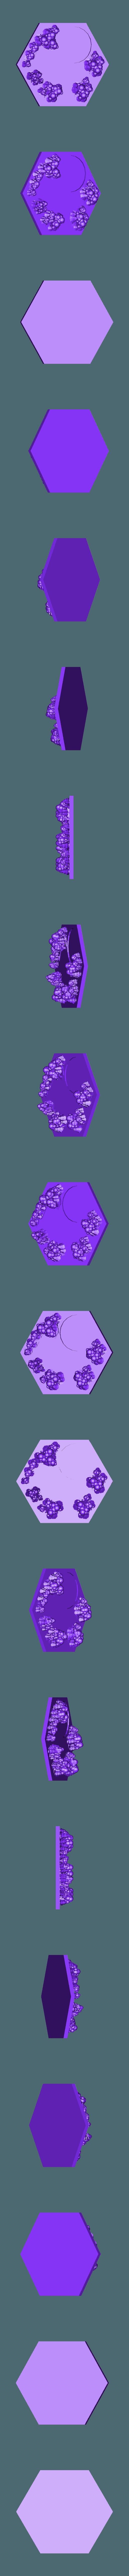 Catan_-_Wood4.stl Télécharger fichier STL gratuit Jeu complet de carreaux Catan - Buse simple, multicouches multicolores • Objet pour impression 3D, Hardcore3D